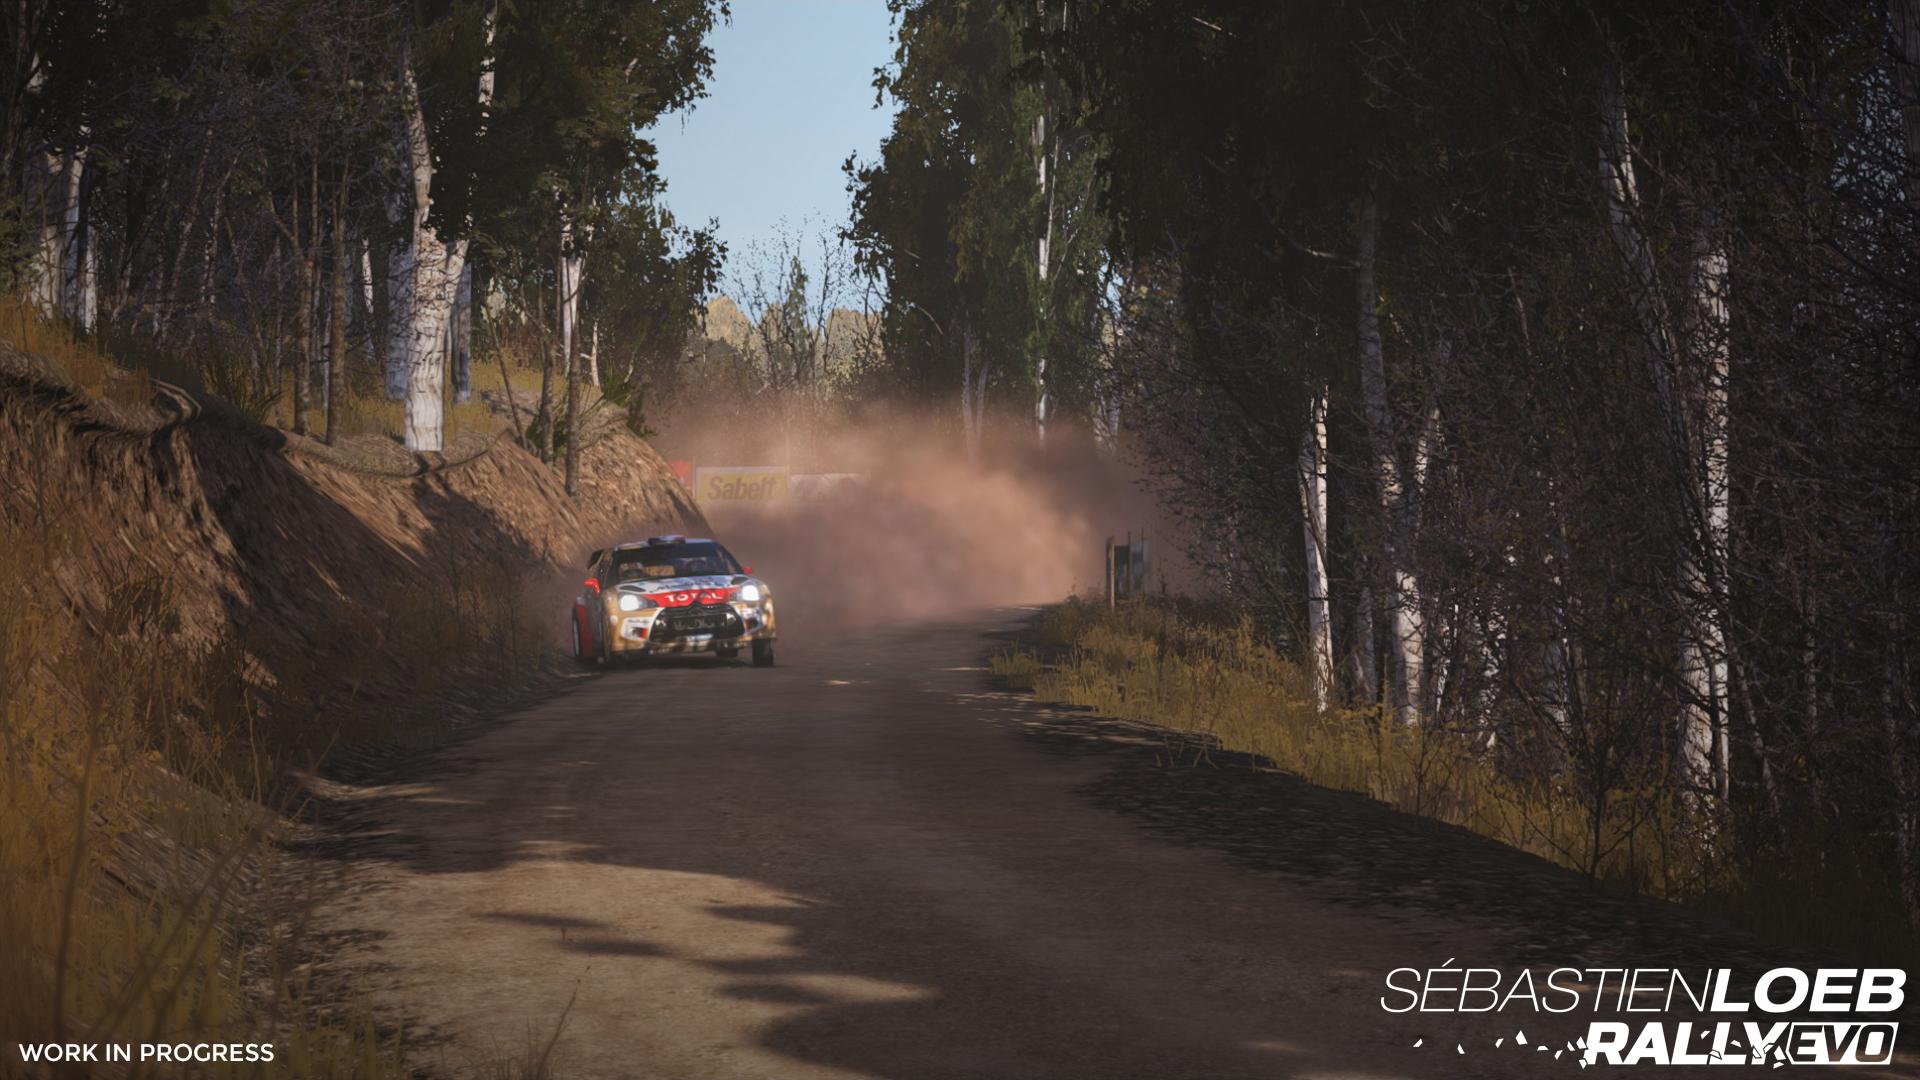 بازی Sébastien Loeb Rally Evo